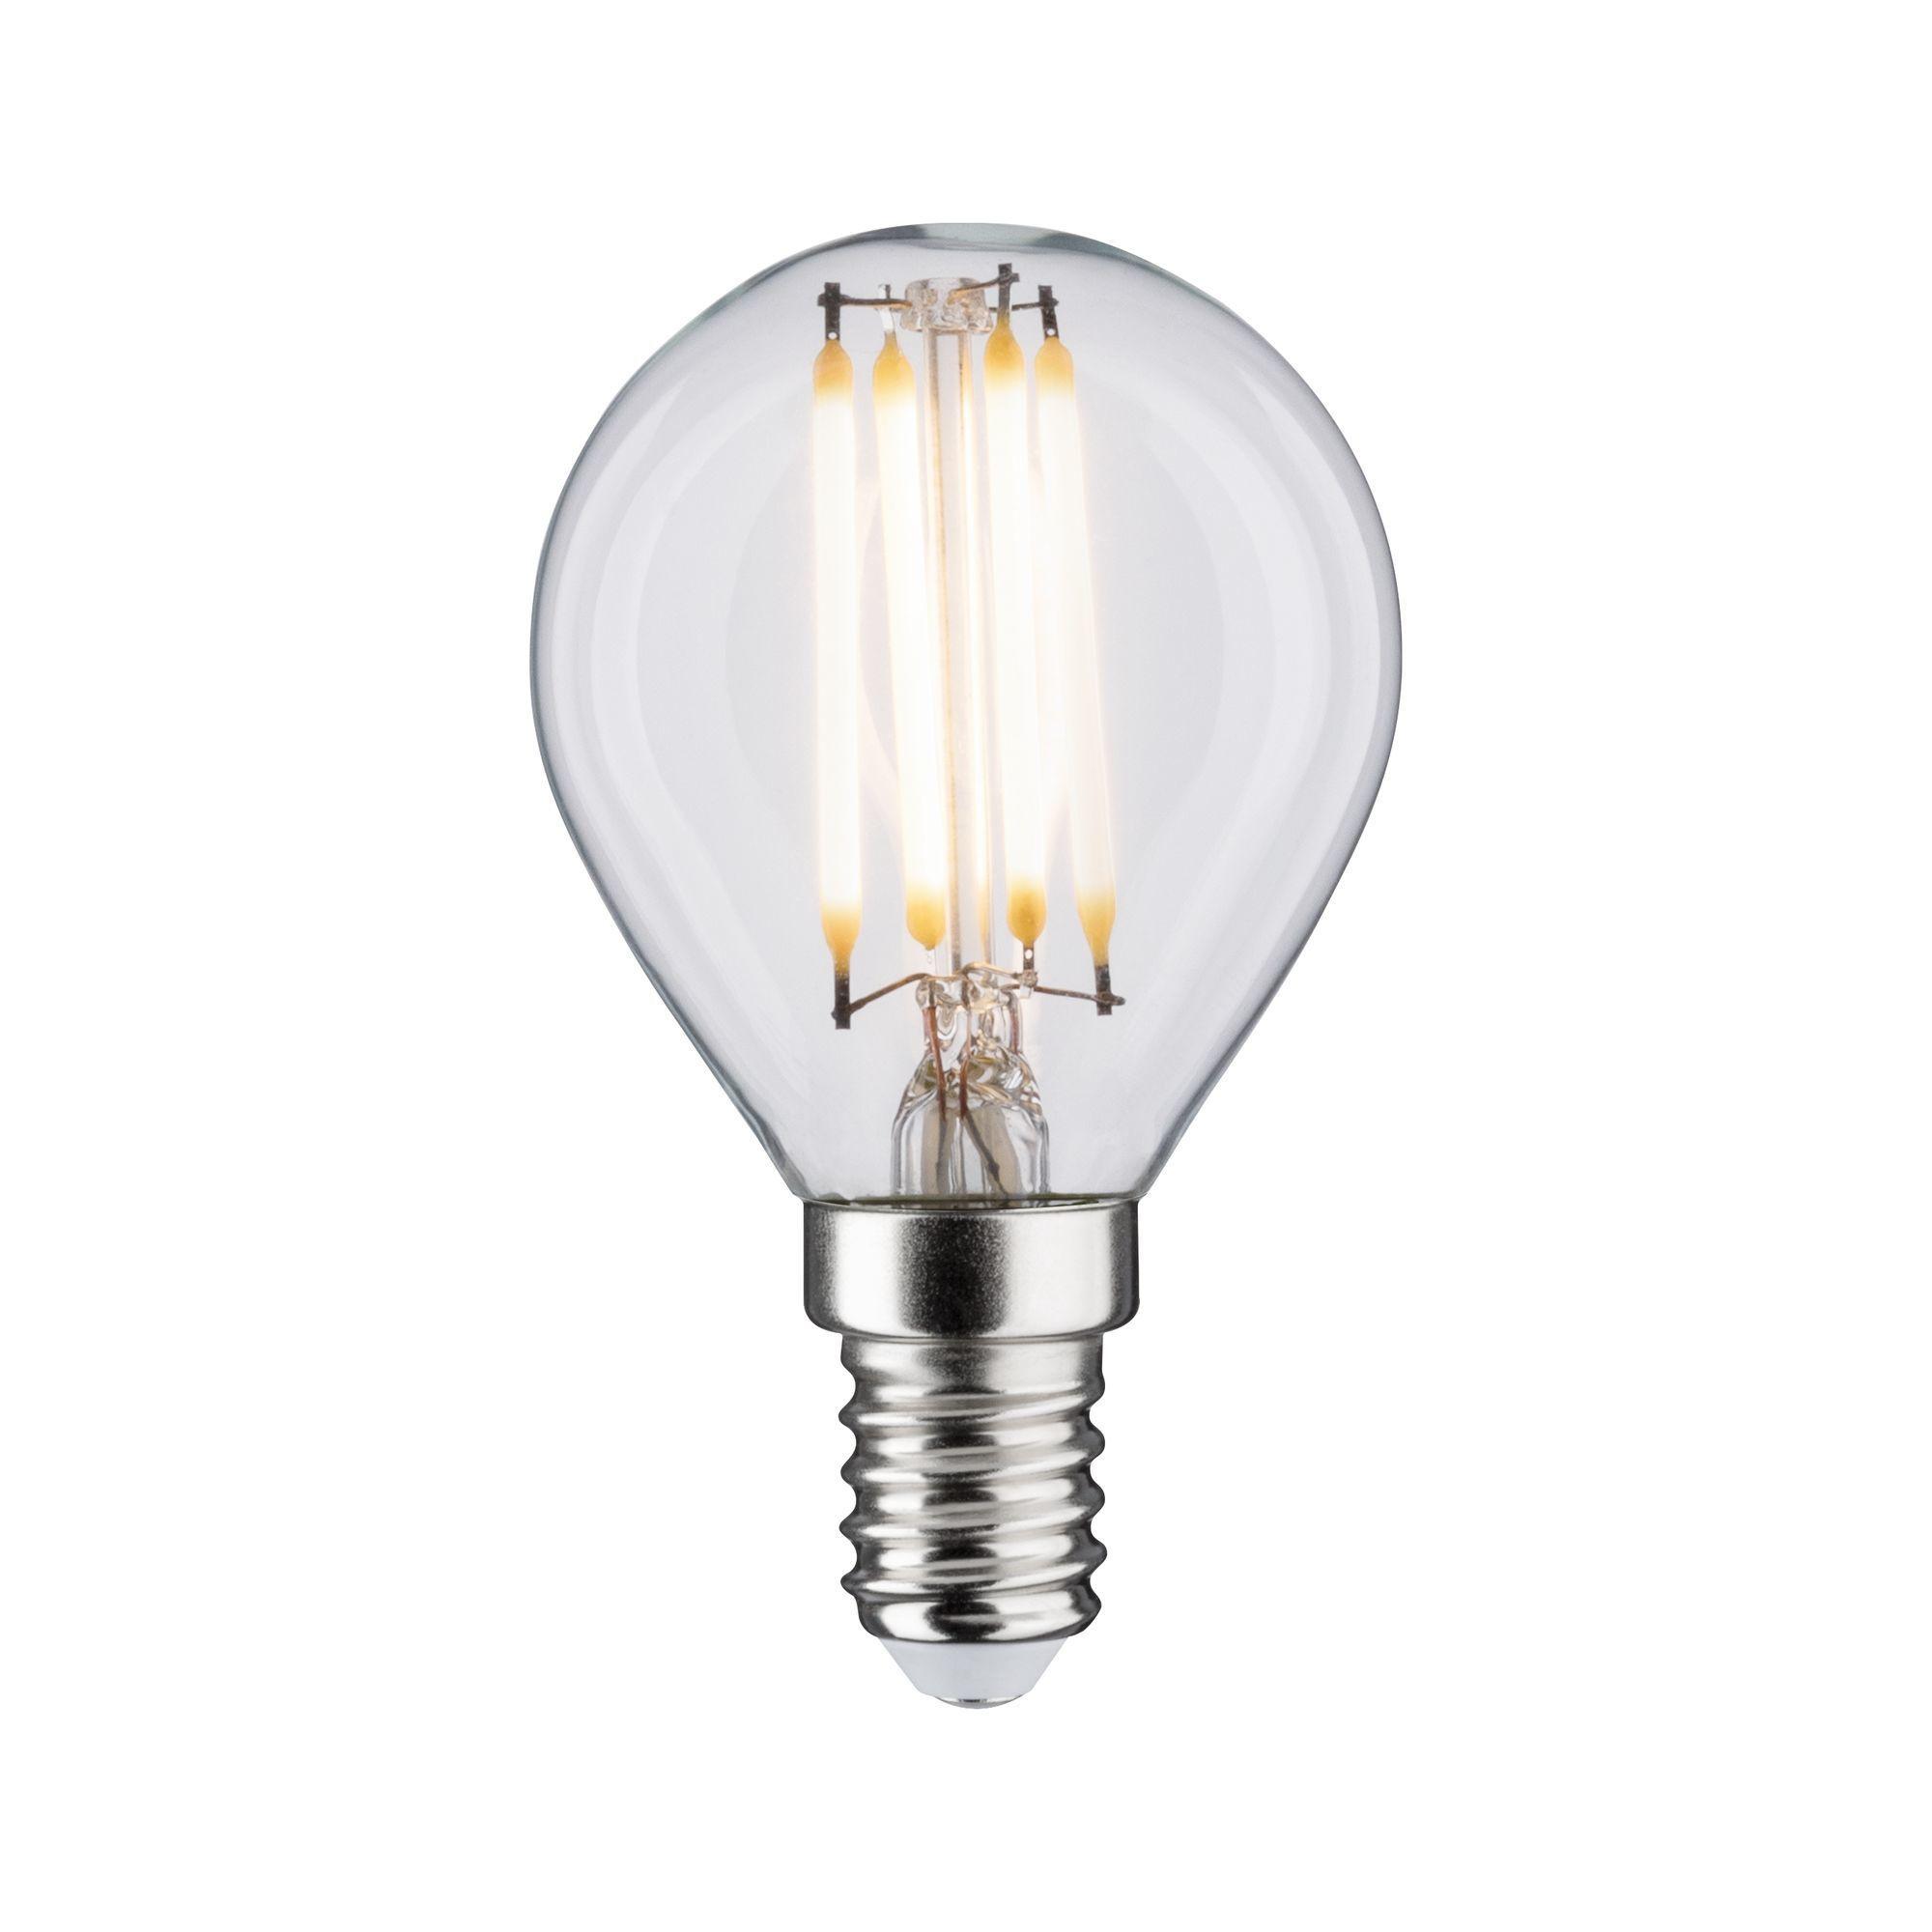 Paulmann LED Fil Tropfen 470lm E14 2700K klar 5W 230V (28630)